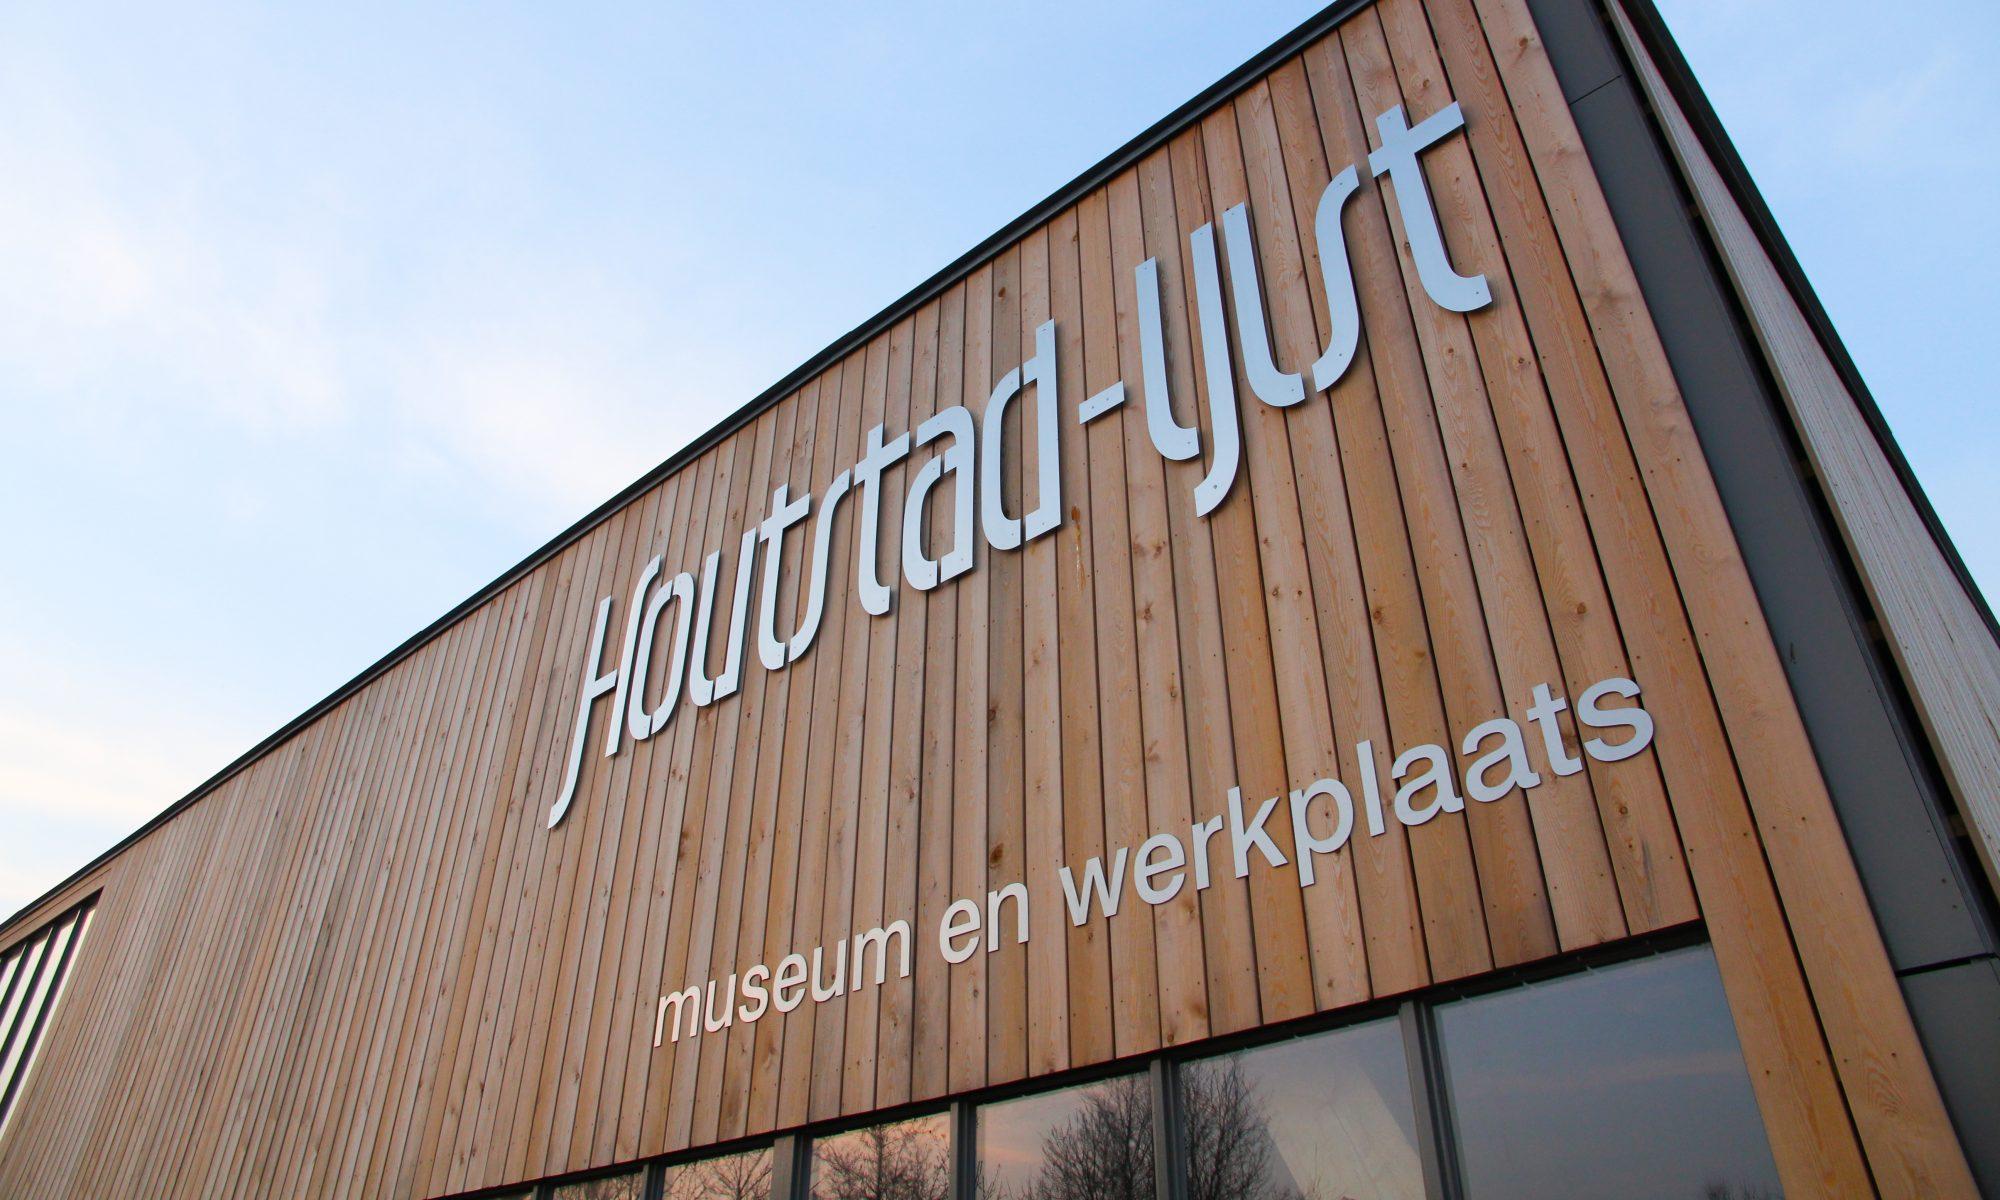 Houtstad-IJlst